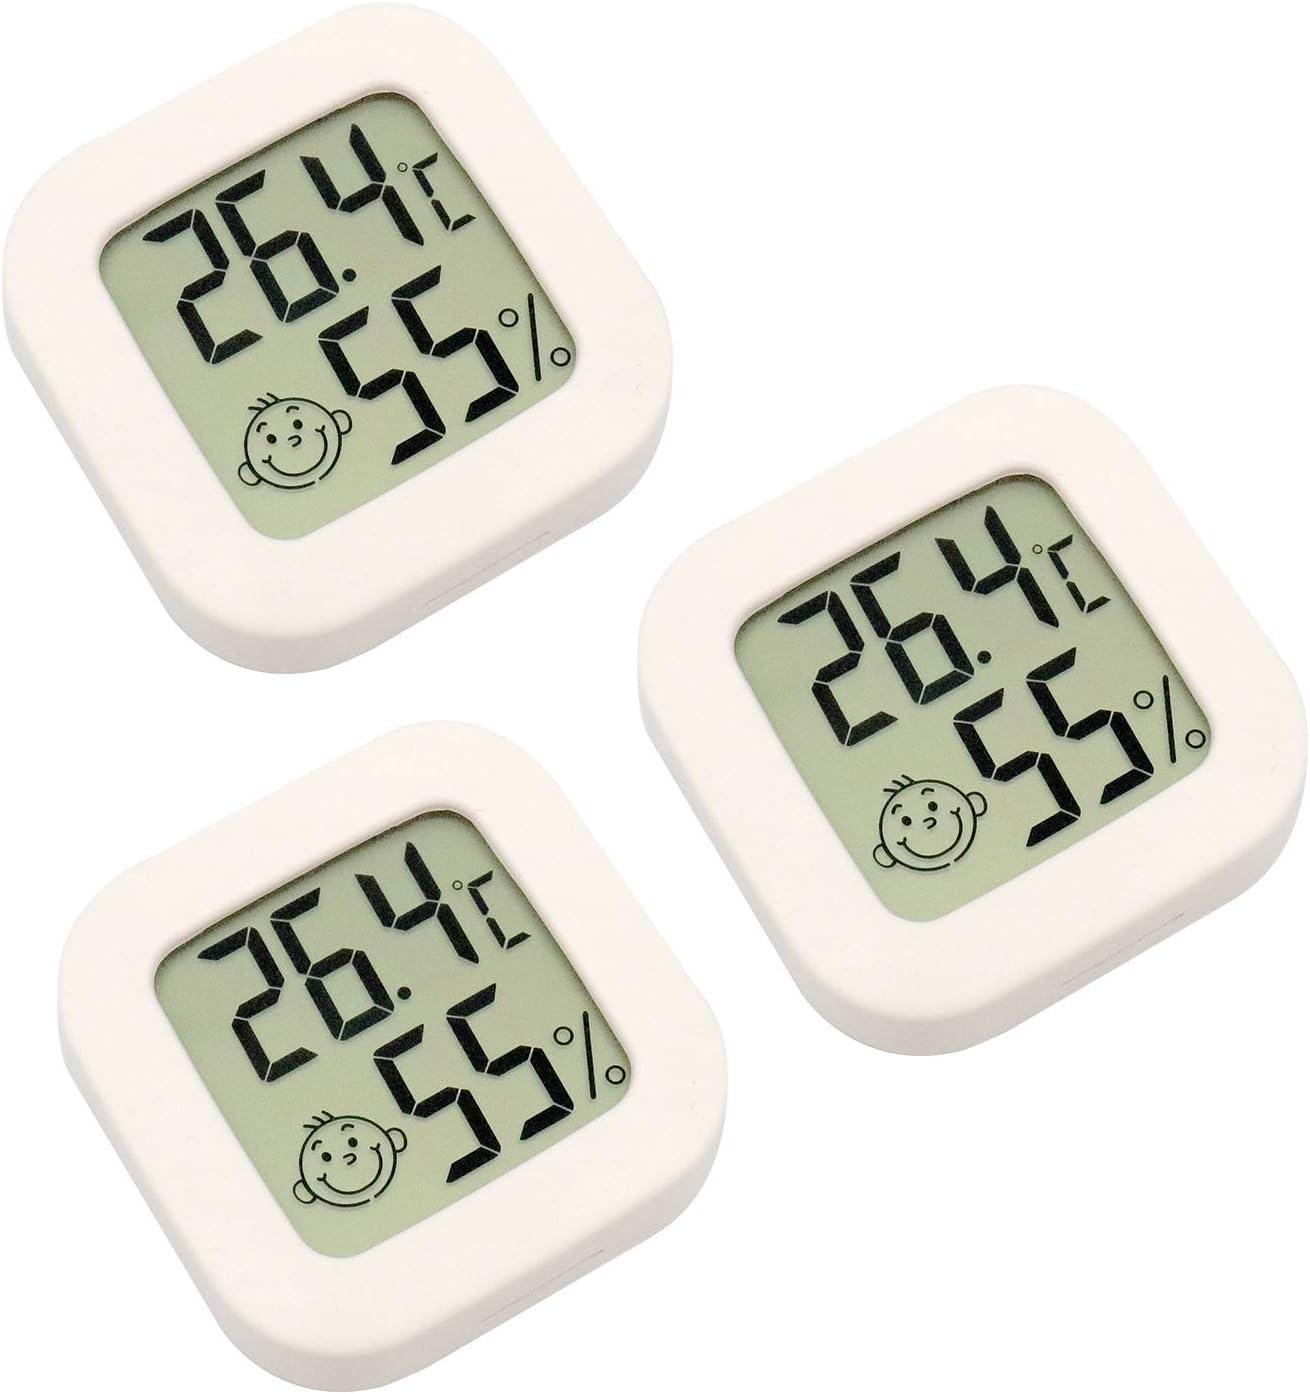 RUIZHI ZHITING 3 Piezas Mini Termómetro Digital para Interiores de Higrómetro Temperatura de Humedad Pantalla LCD Termómetro de Sensor Inalámbrico Bluetooth para el Hogar